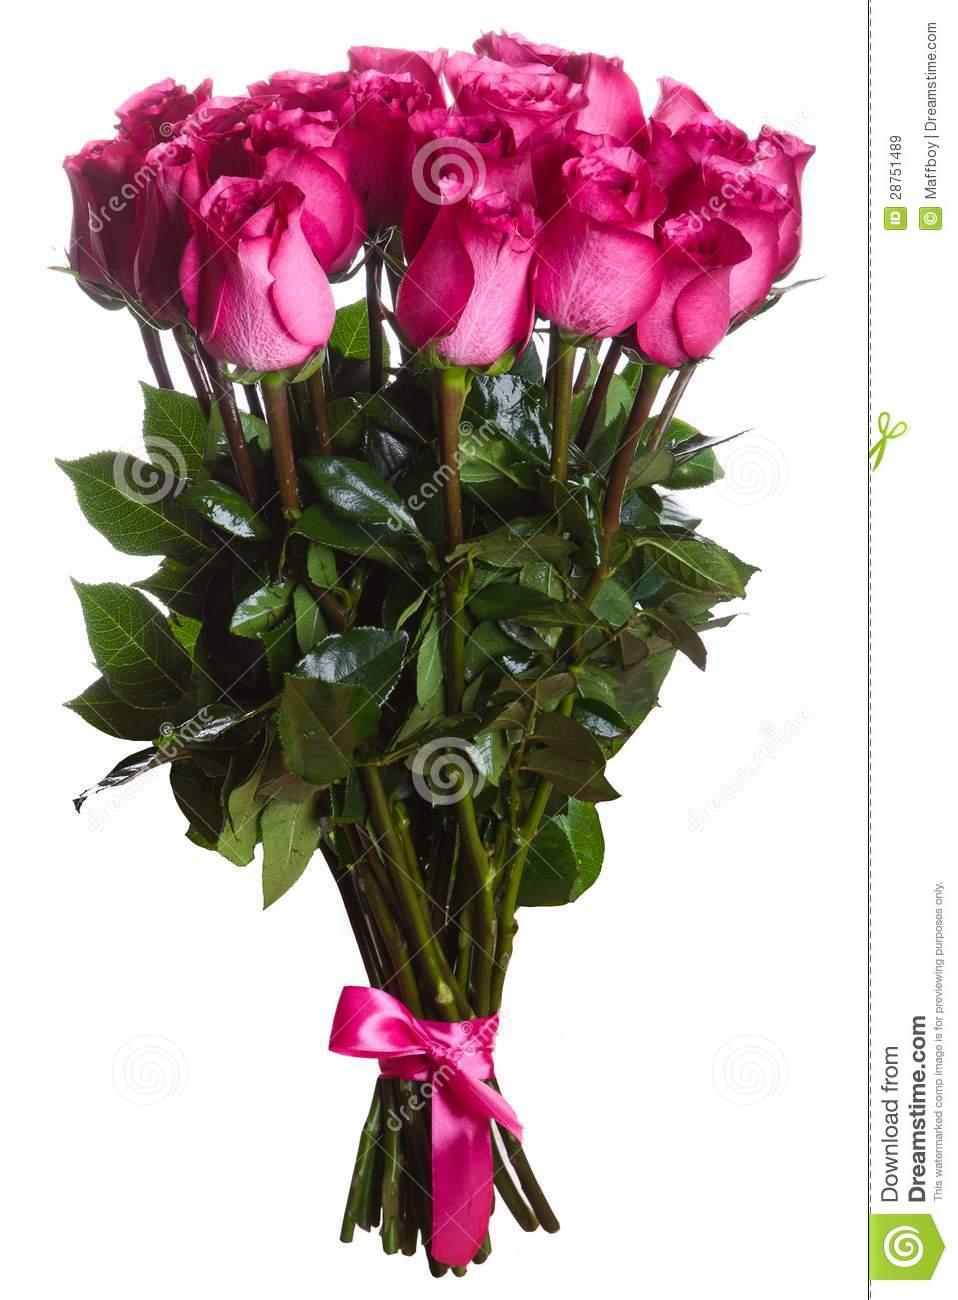 flowers bouquet images.